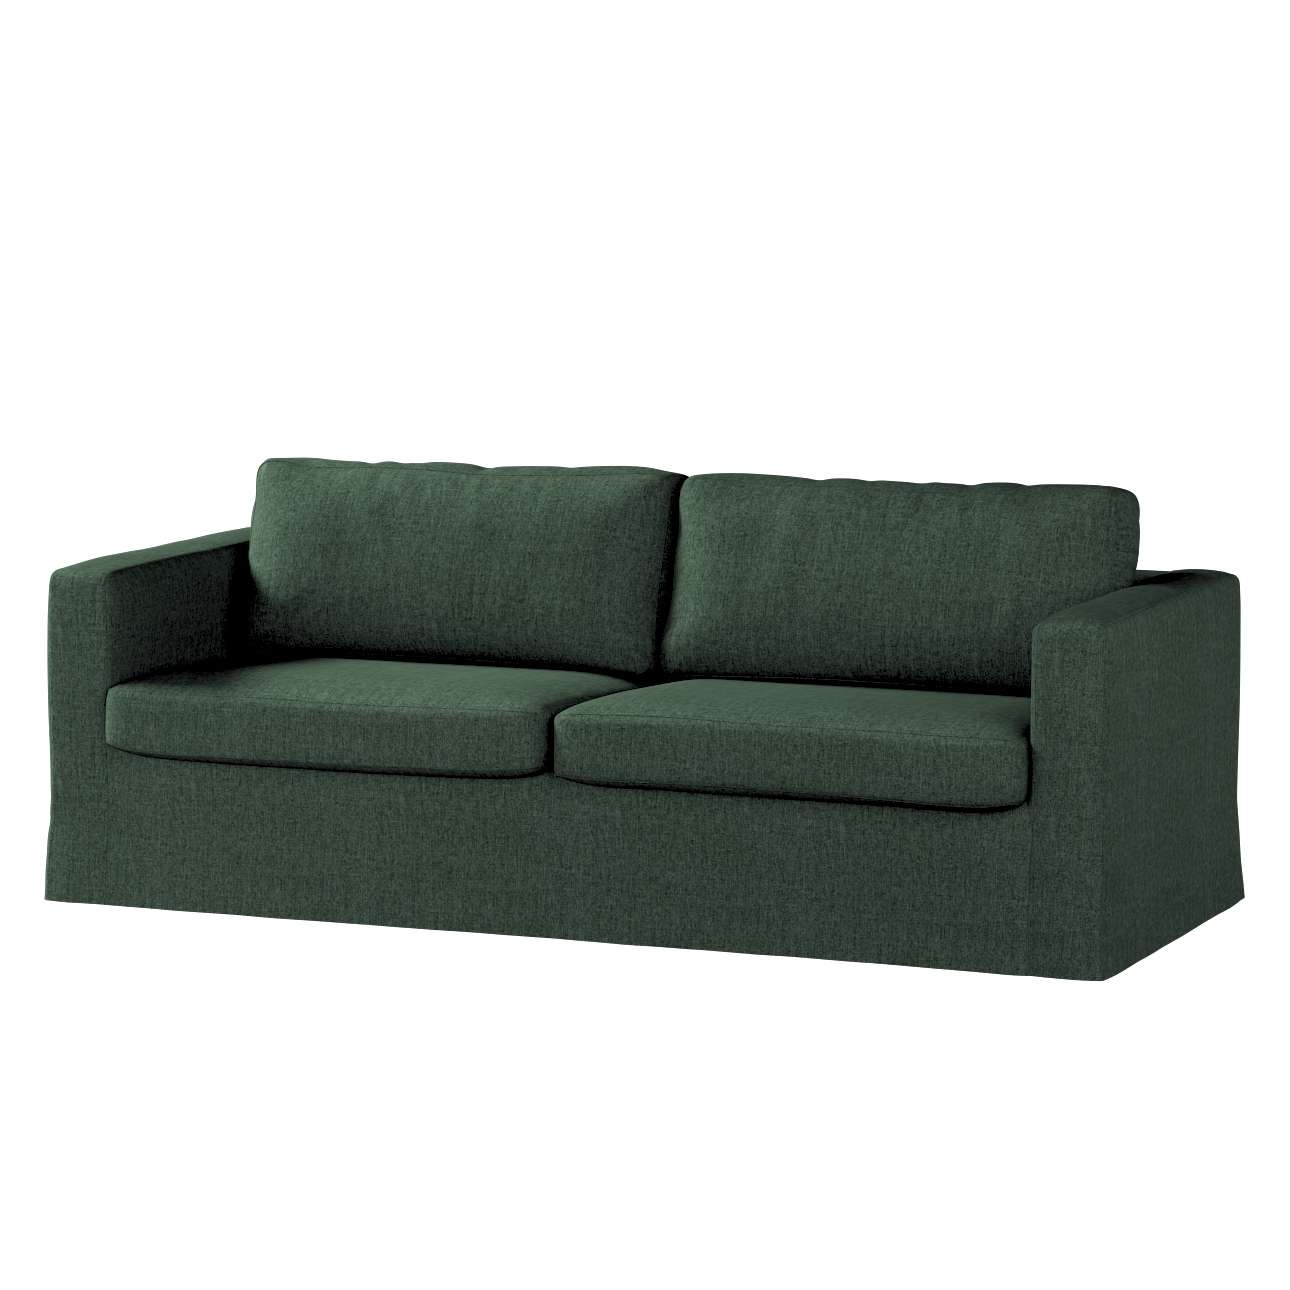 Pokrowiec na sofę Karlstad 3-osobową nierozkładaną, długi w kolekcji City, tkanina: 704-81